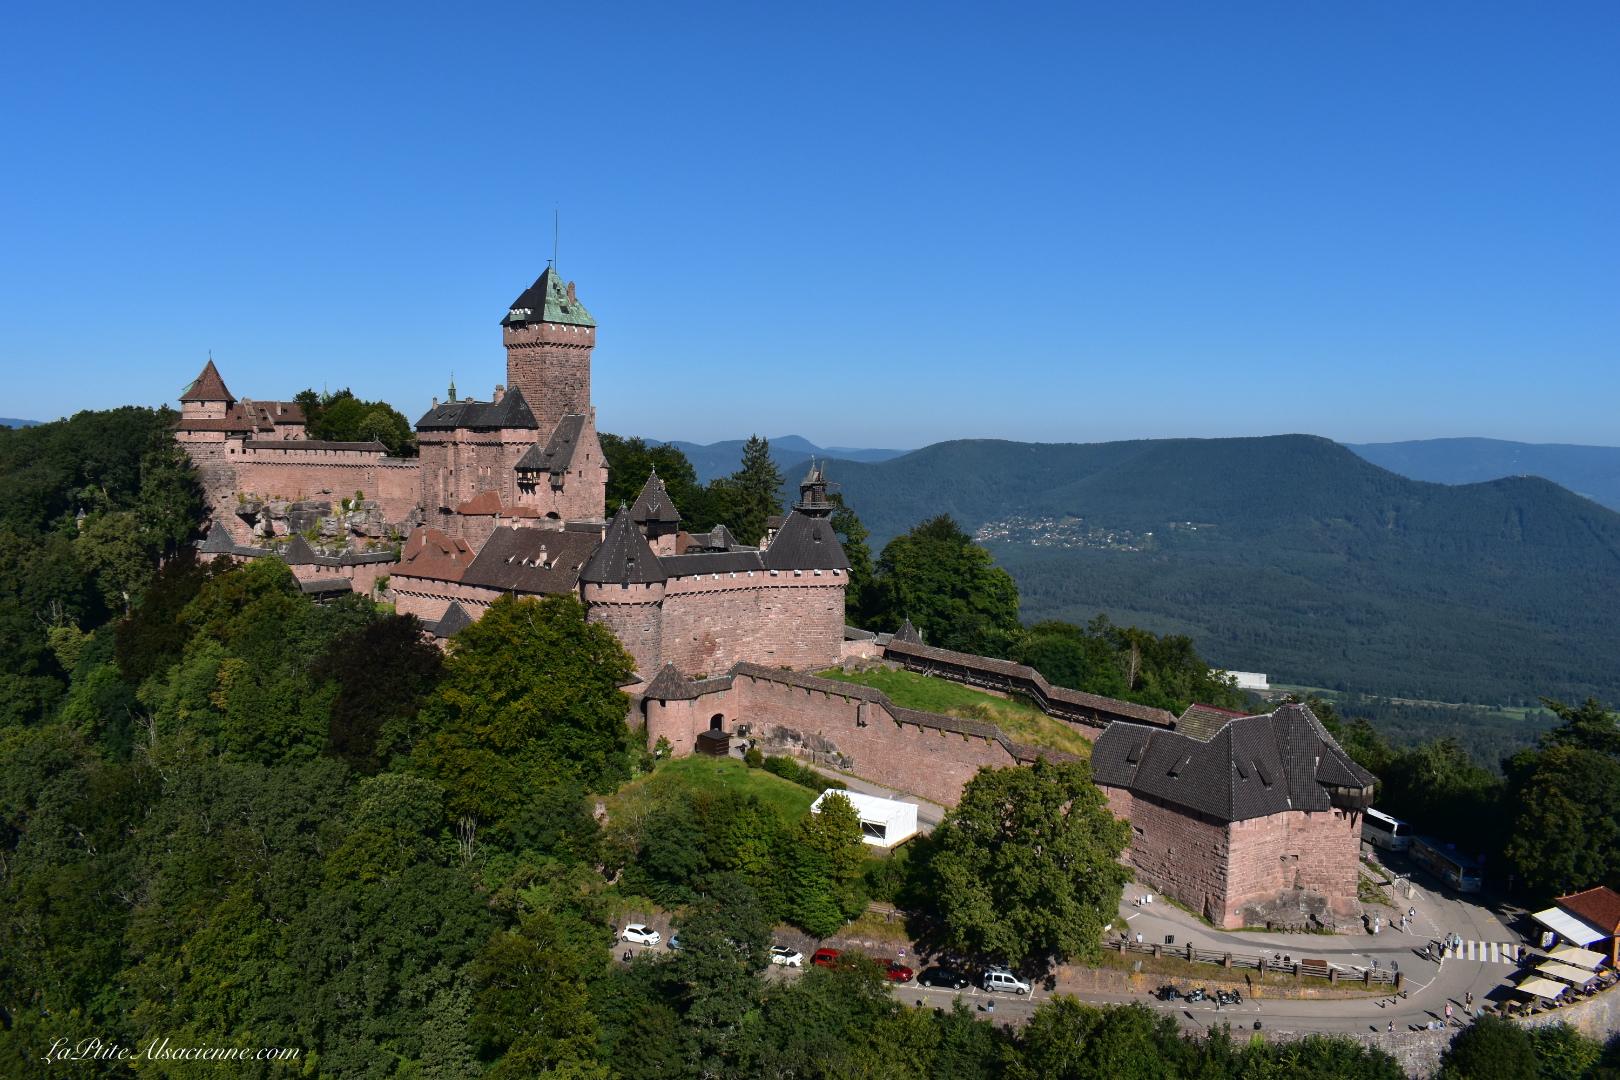 Le château du Haut Kœnigsbourg vu du ciel par Cendrine Miesch dite LaPtiteAlsacienne